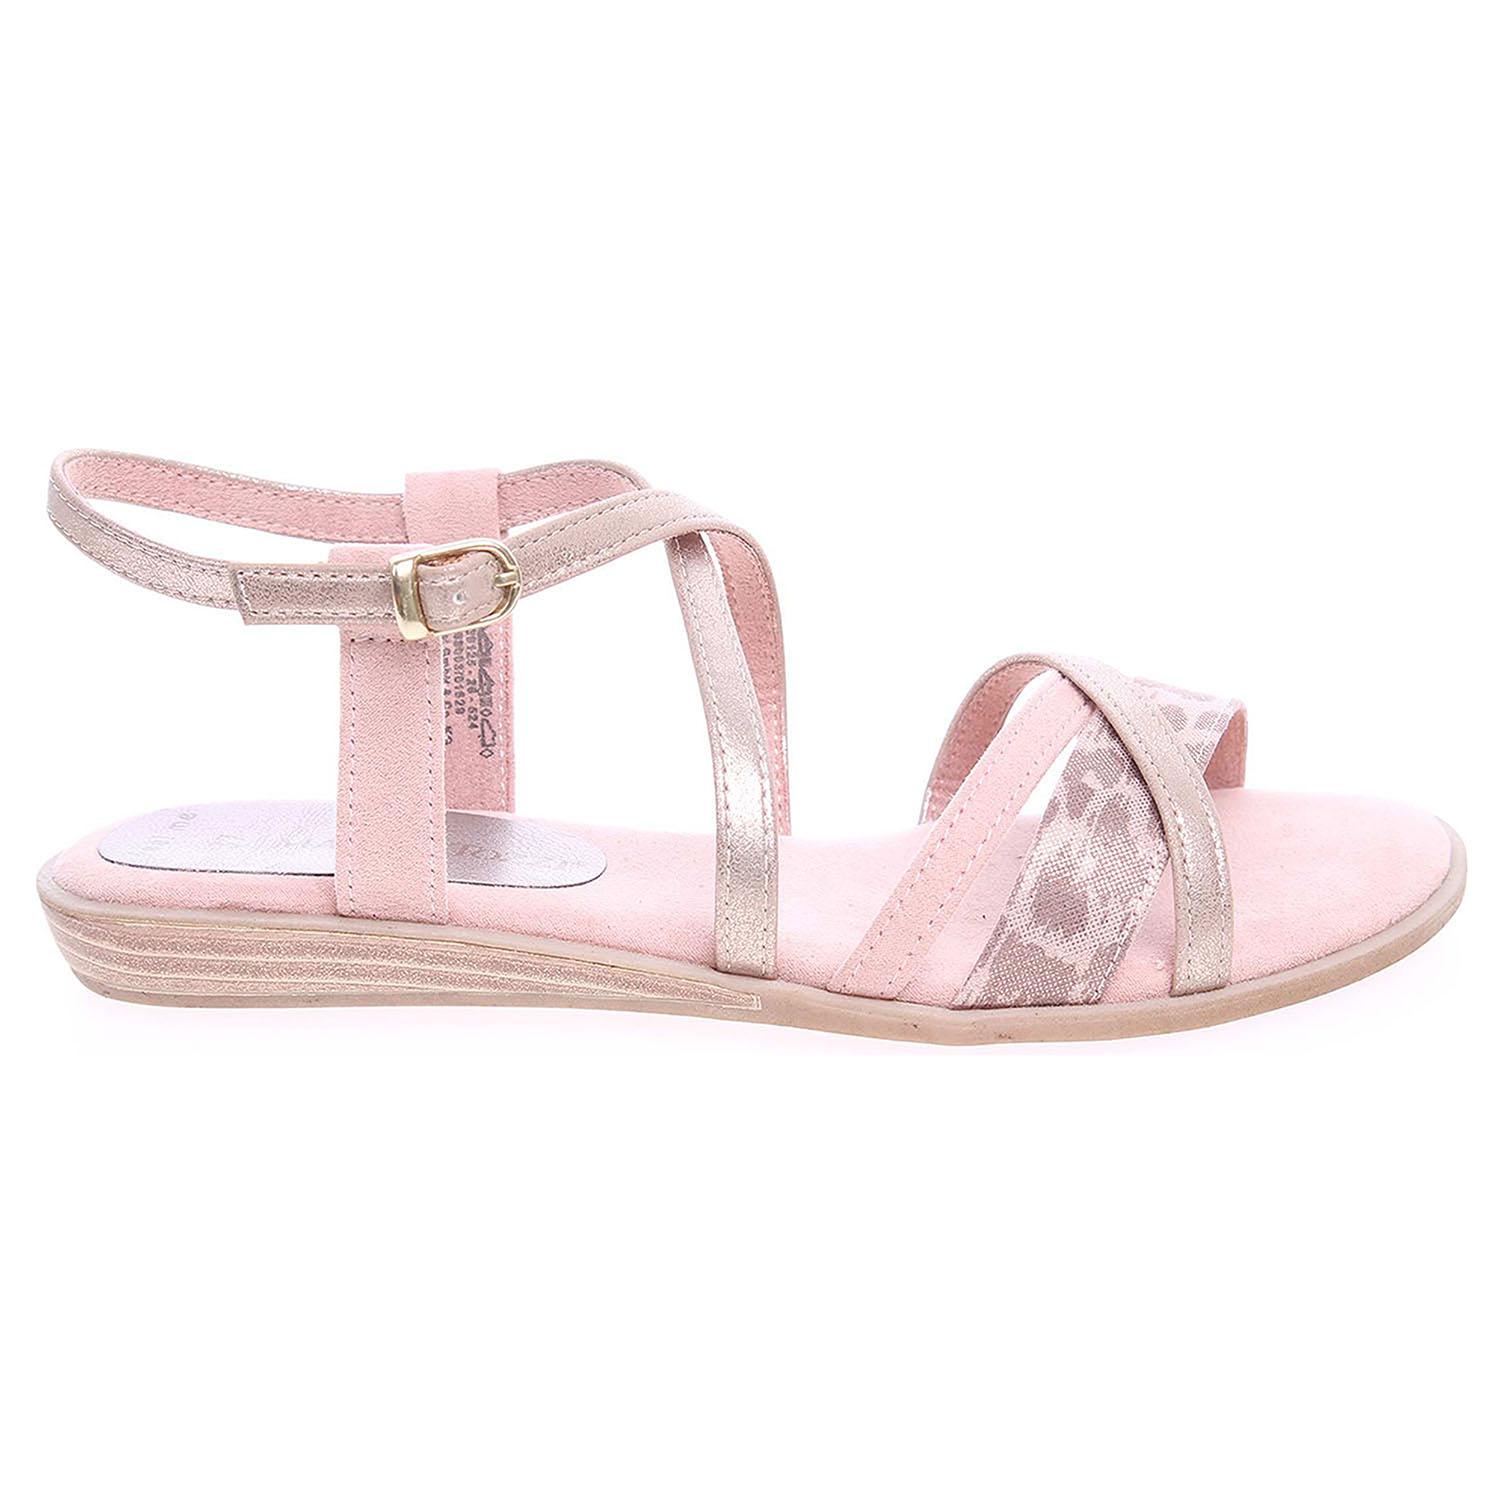 Ecco Marco Tozzi dámské sandály 2-28125-26 růžová-zlatá 23801050